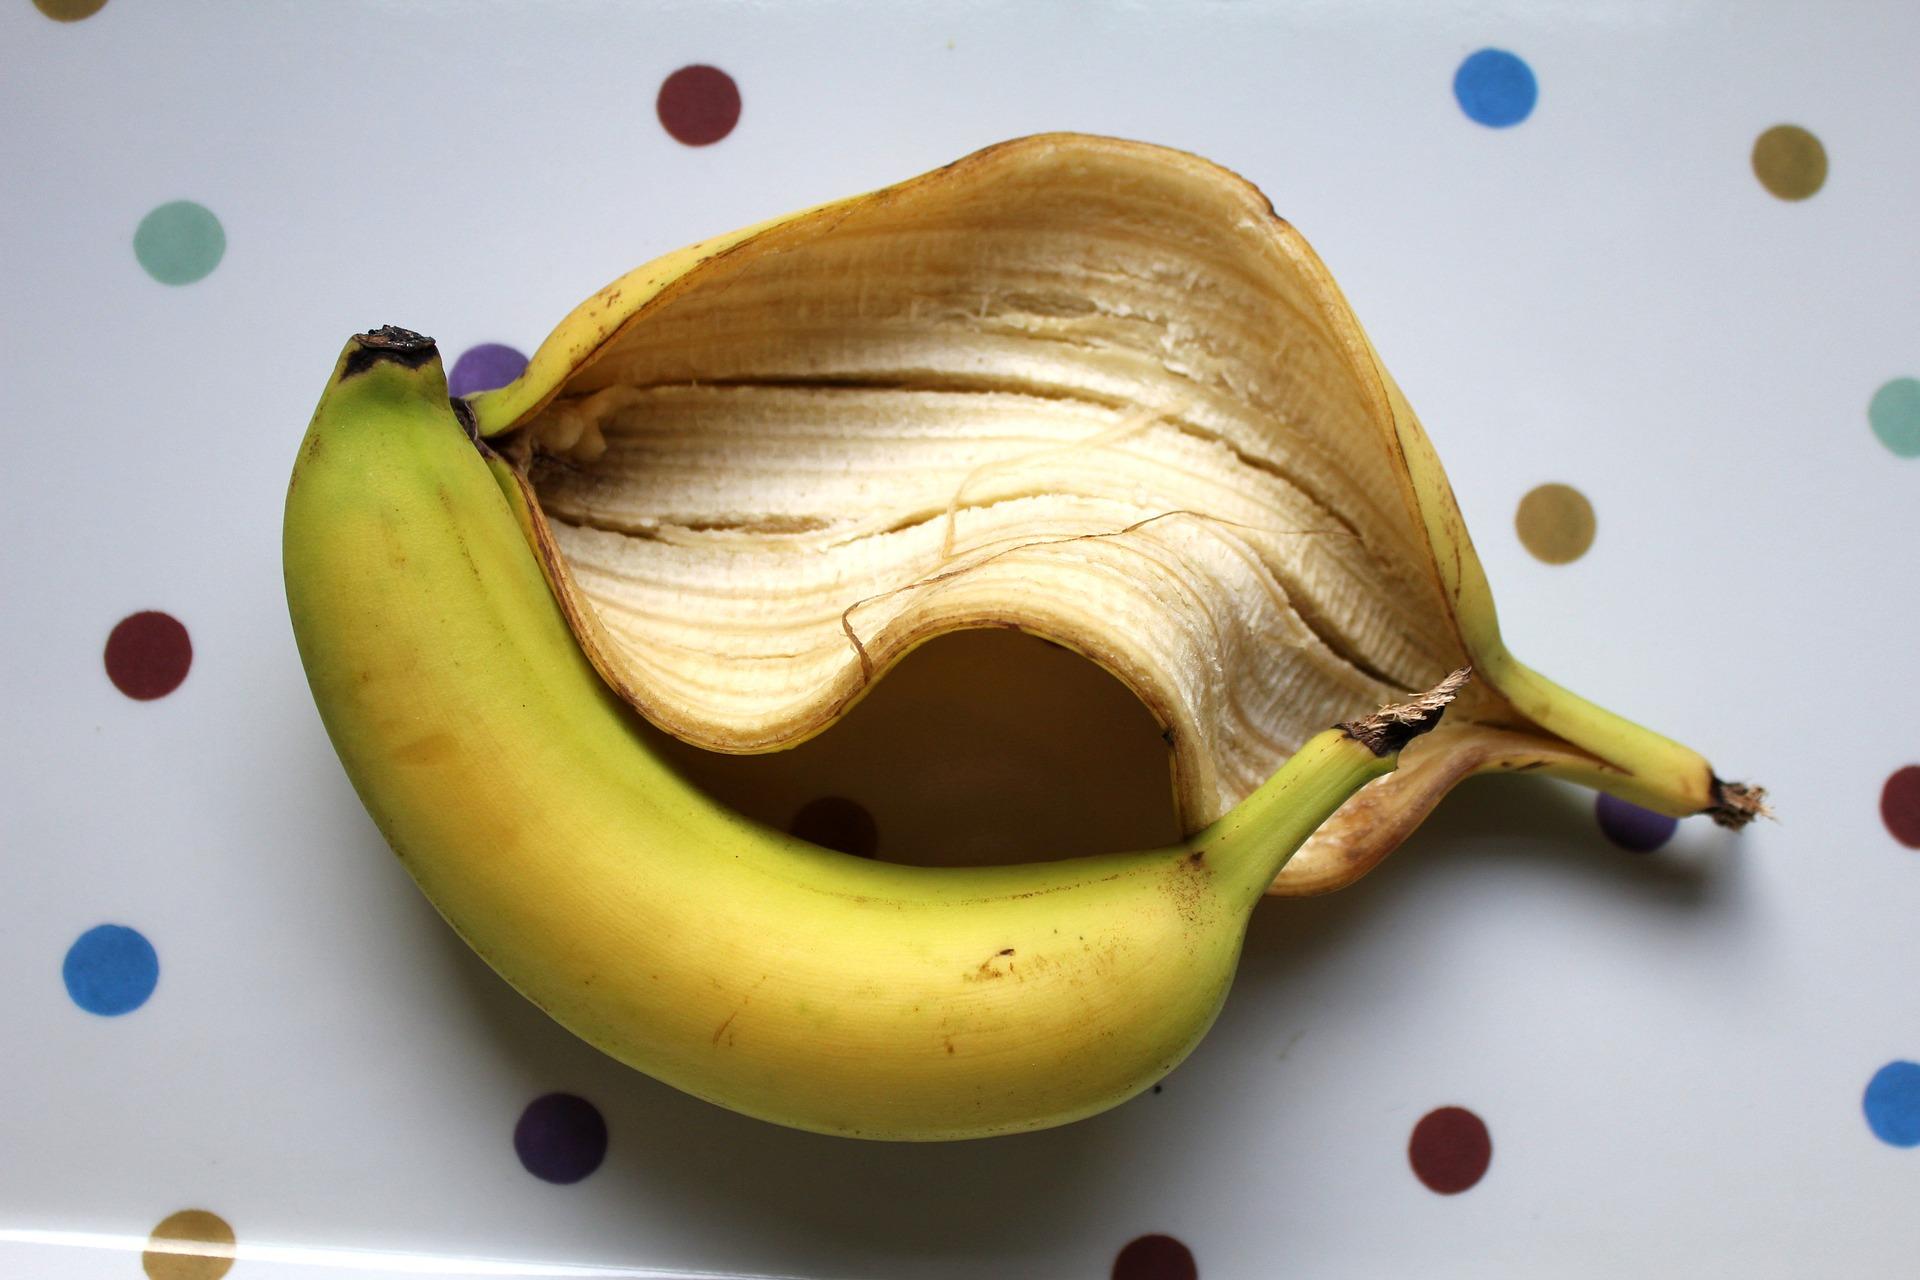 Nu mai arunca cojile de banane! Iata cate minuni poti face cu ele - hpv.iubescstudentia.ro